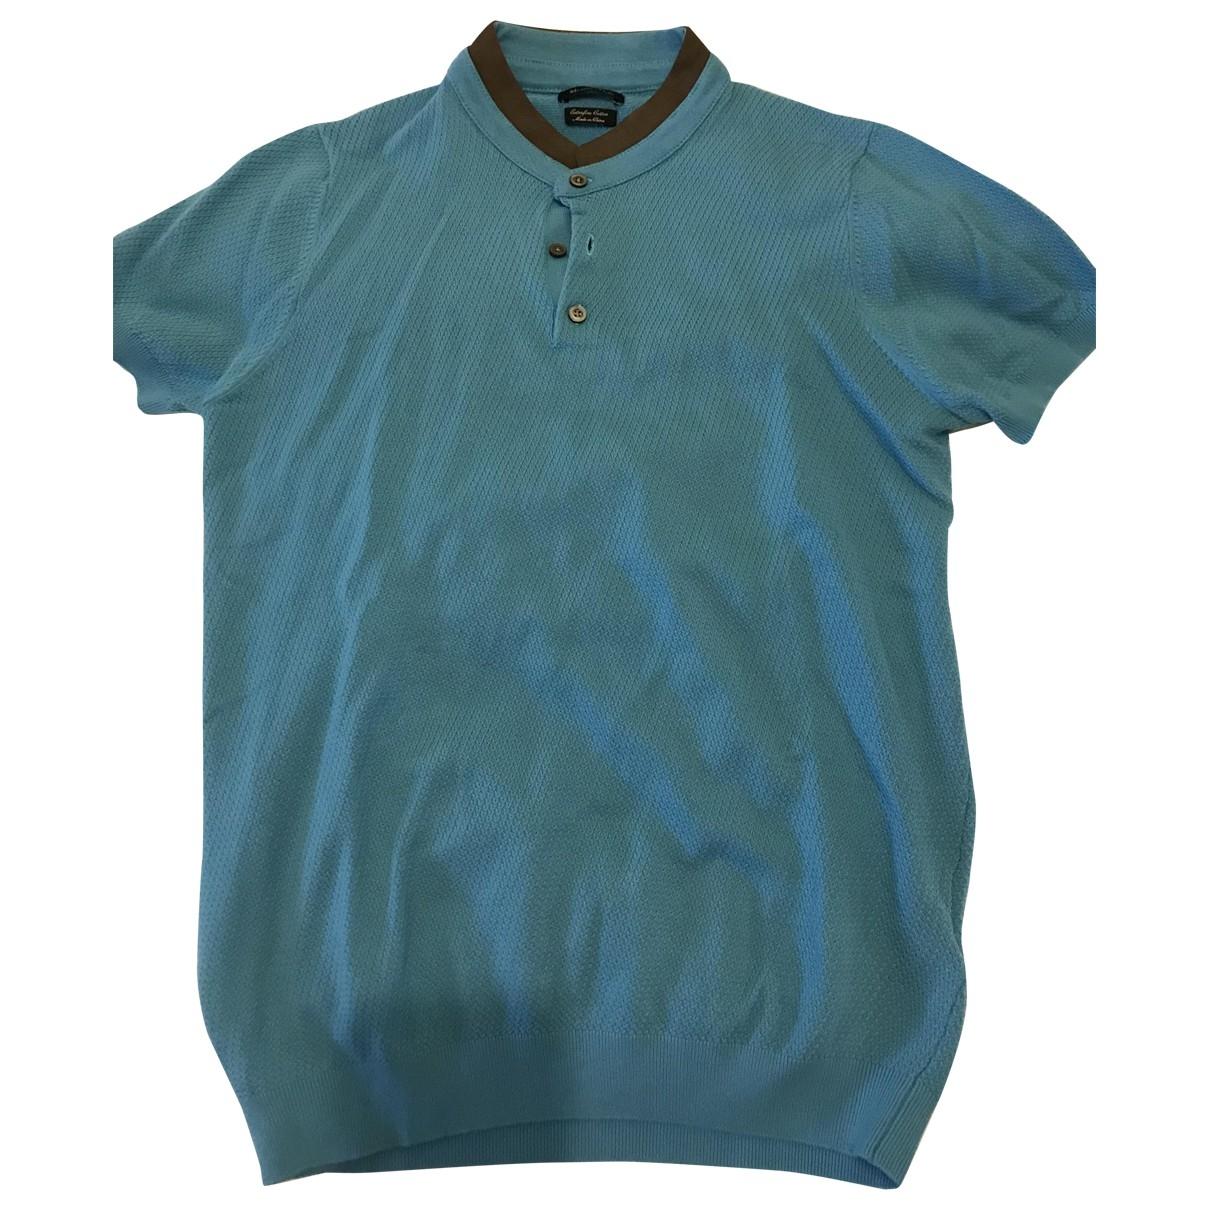 Massimo Dutti - Polos   pour homme en coton - turquoise